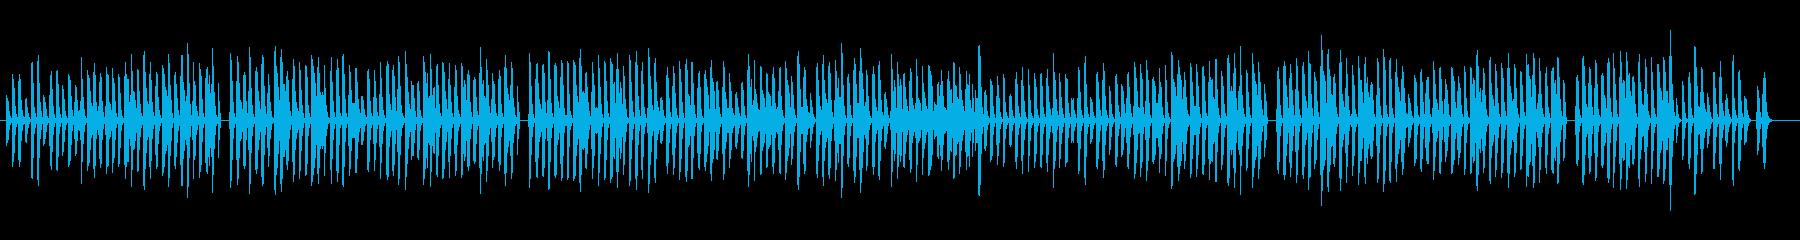 aほのぼのした軽快で可愛らし曲 pfの再生済みの波形